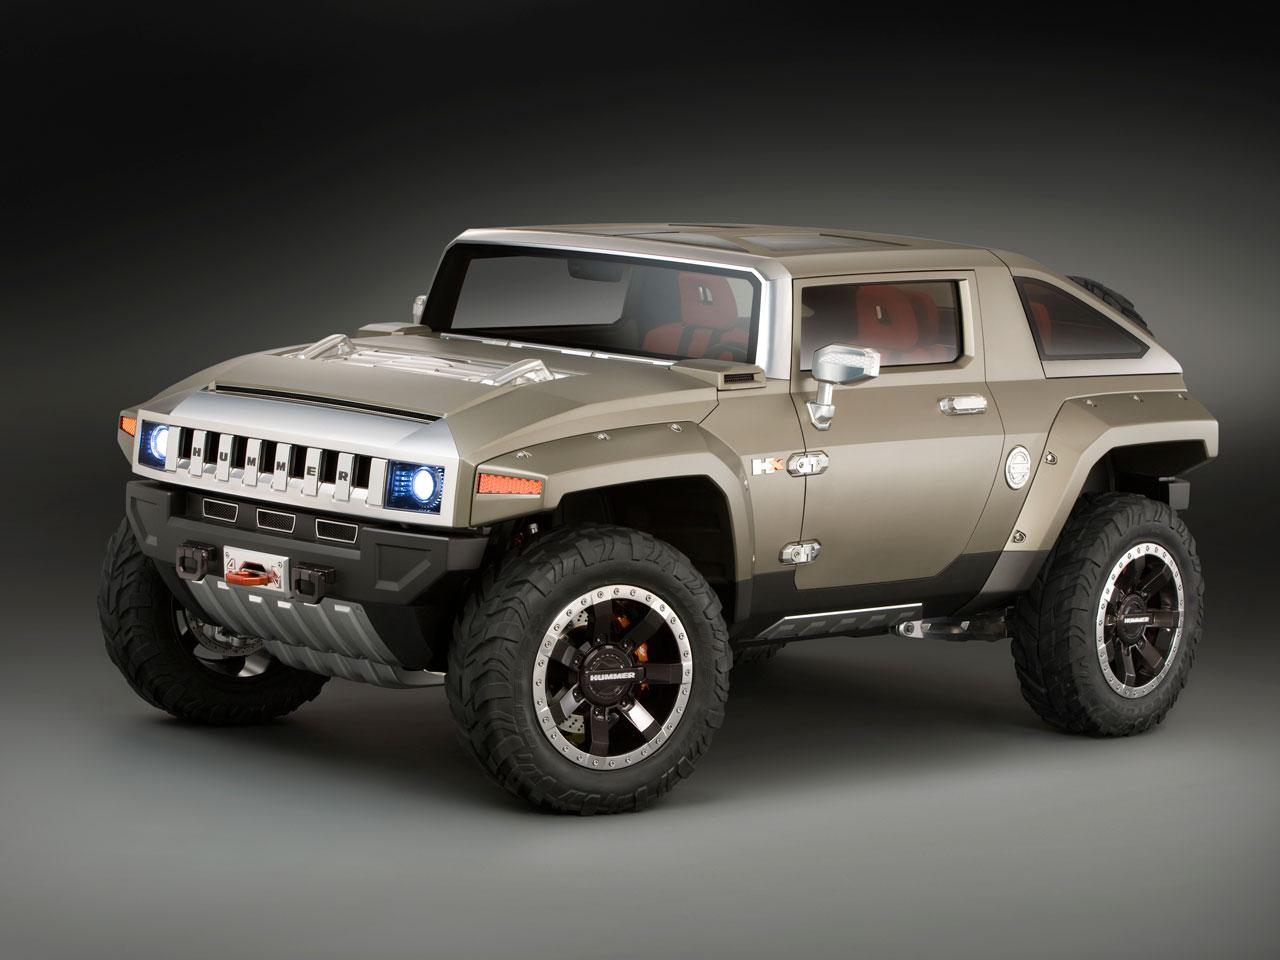 http://1.bp.blogspot.com/-daQkzOBe3OE/TjJ-fg3aLeI/AAAAAAAABOw/OEMPXFpdqjY/s1600/_Hummer-HX-Concept-1-lg.jpg